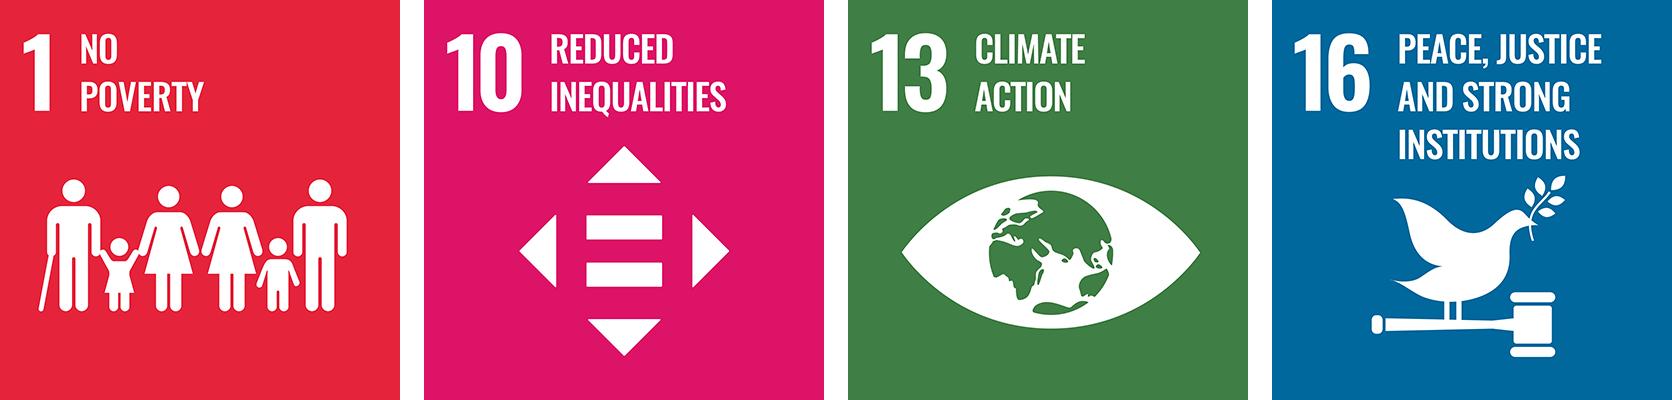 SDG 1, SDG 10, SDG 13, SDG 16